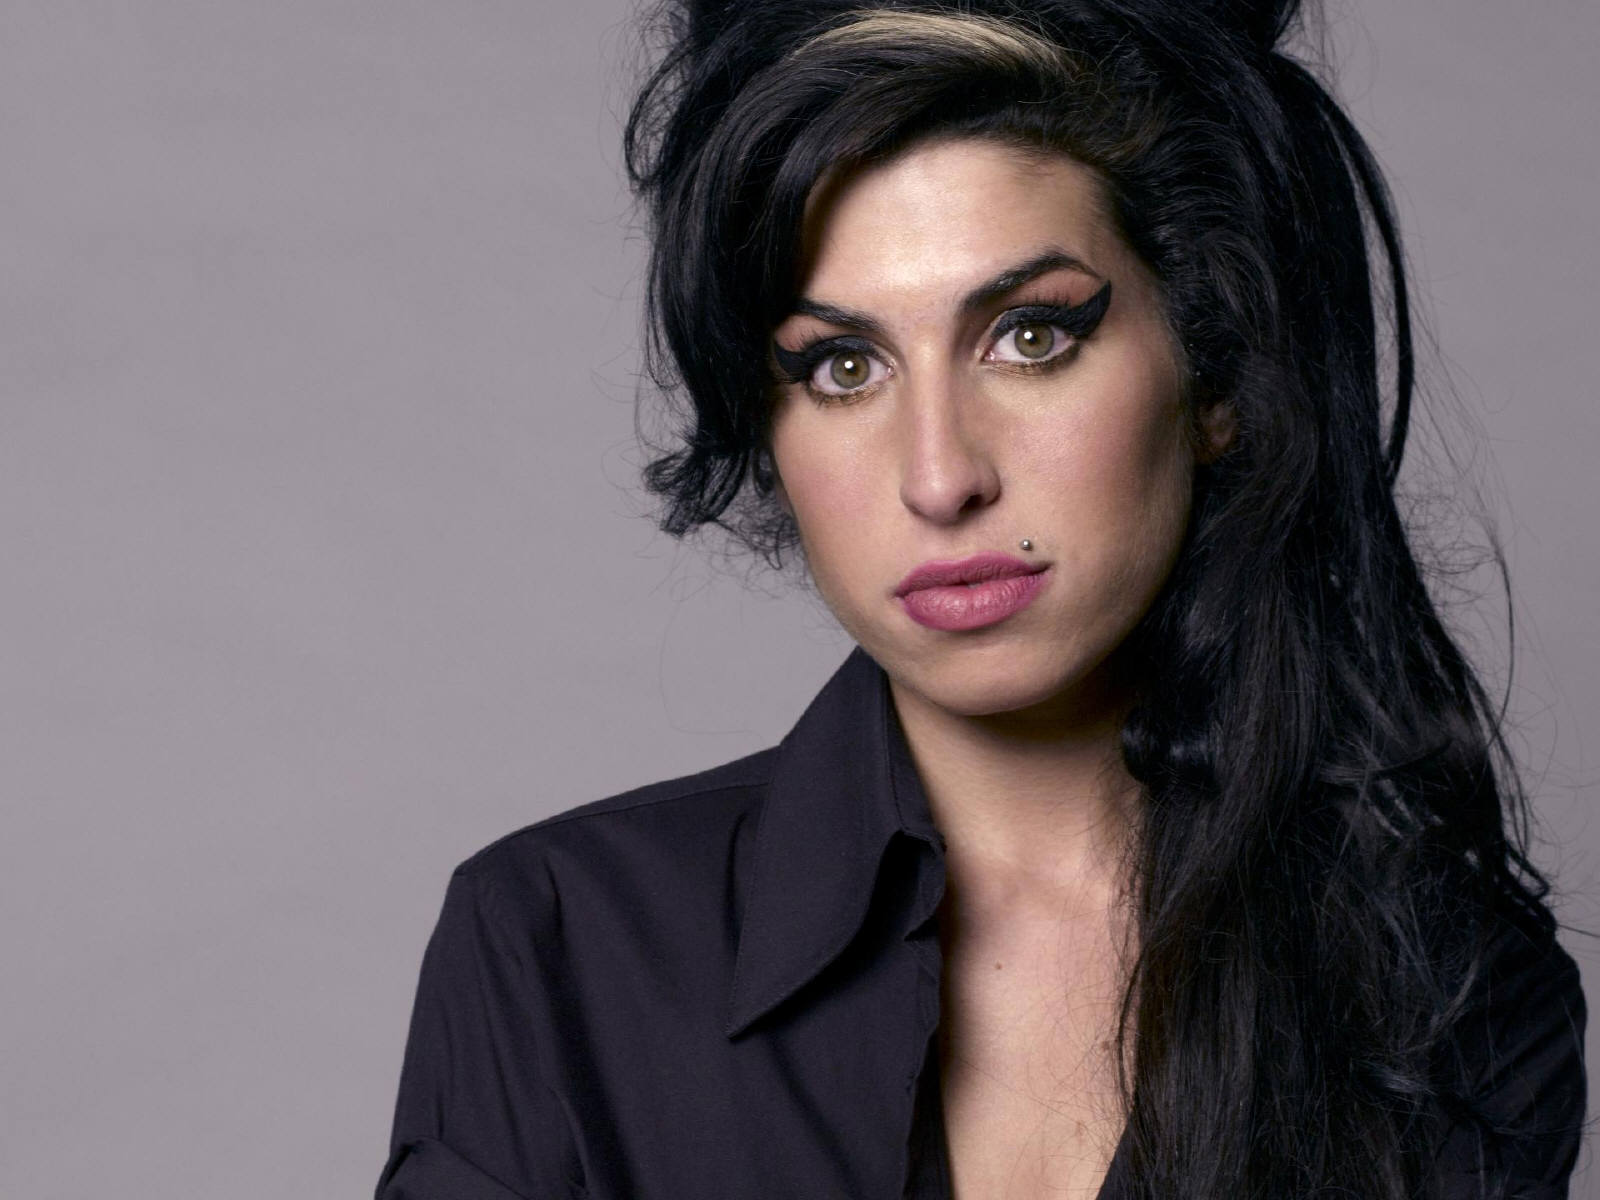 https://1.bp.blogspot.com/-FejkgcJbLdU/TitwA4LGlZI/AAAAAAAAAfg/oQ-rwRcFQ44/s1600/Amy_Winehouse_0020_1600X1200_Wallpaper.jpg